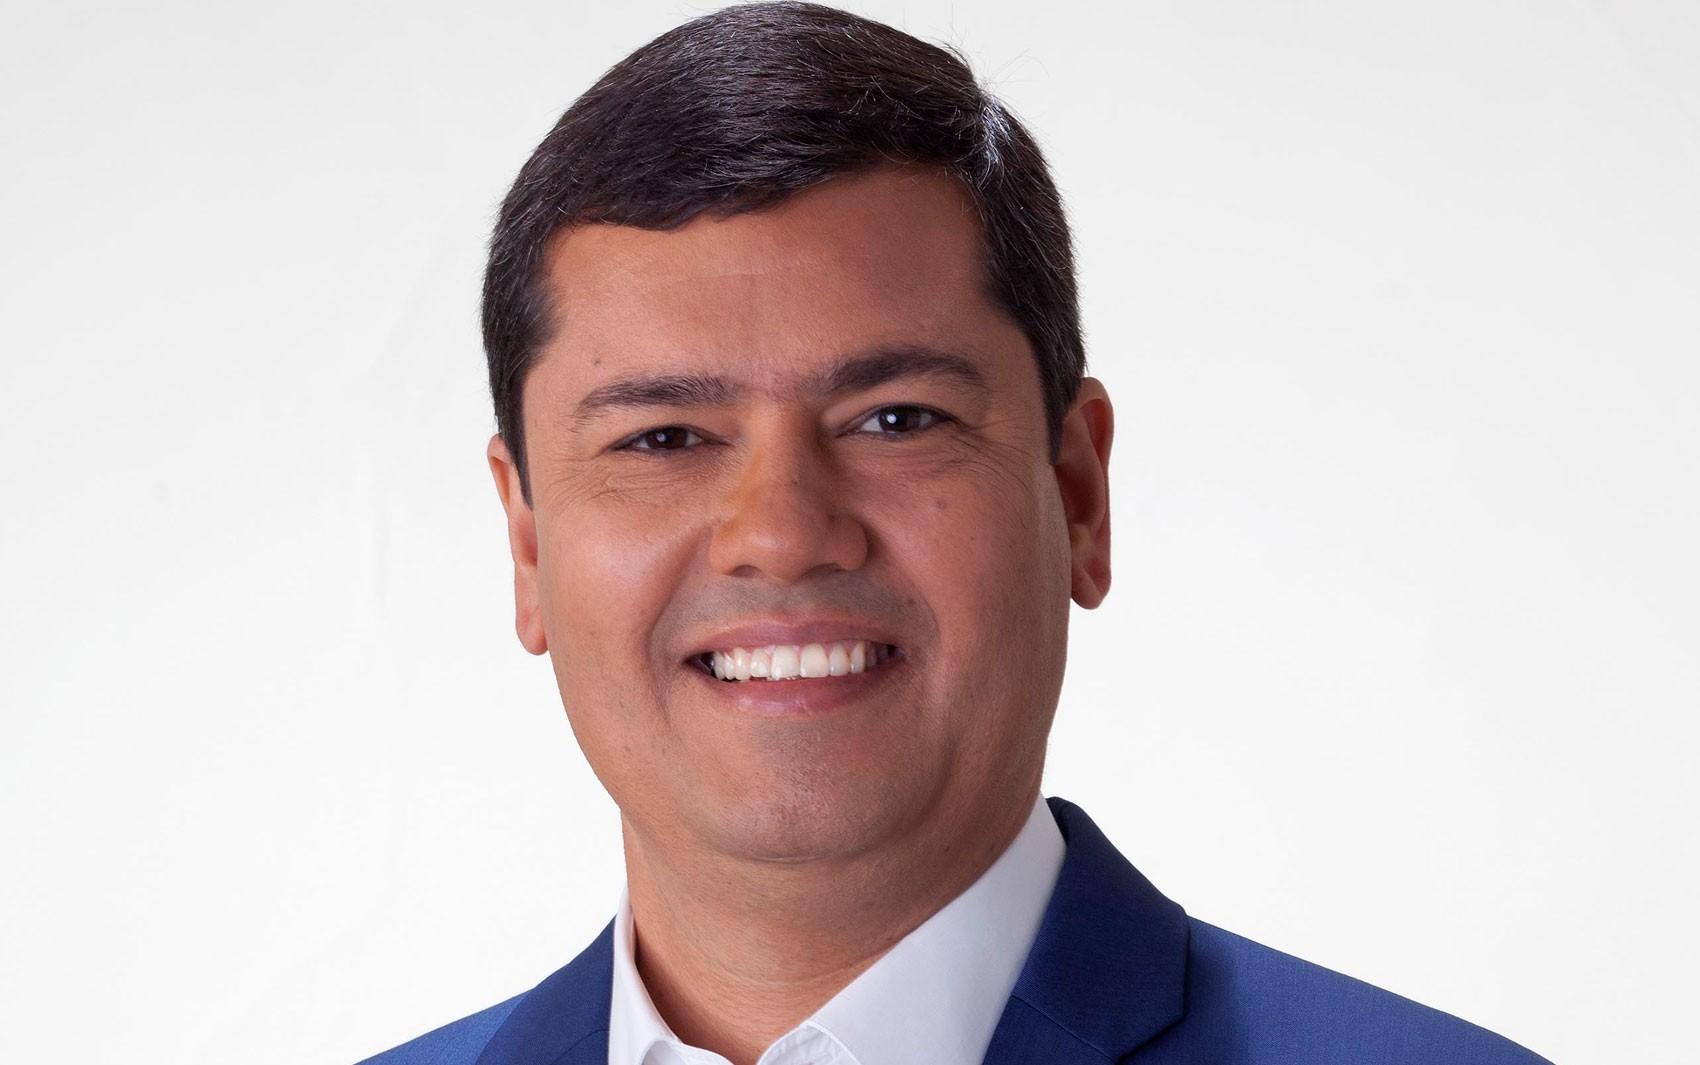 Prefeitura de Salvador anuncia mudança em quatro secretarias; veja nomes